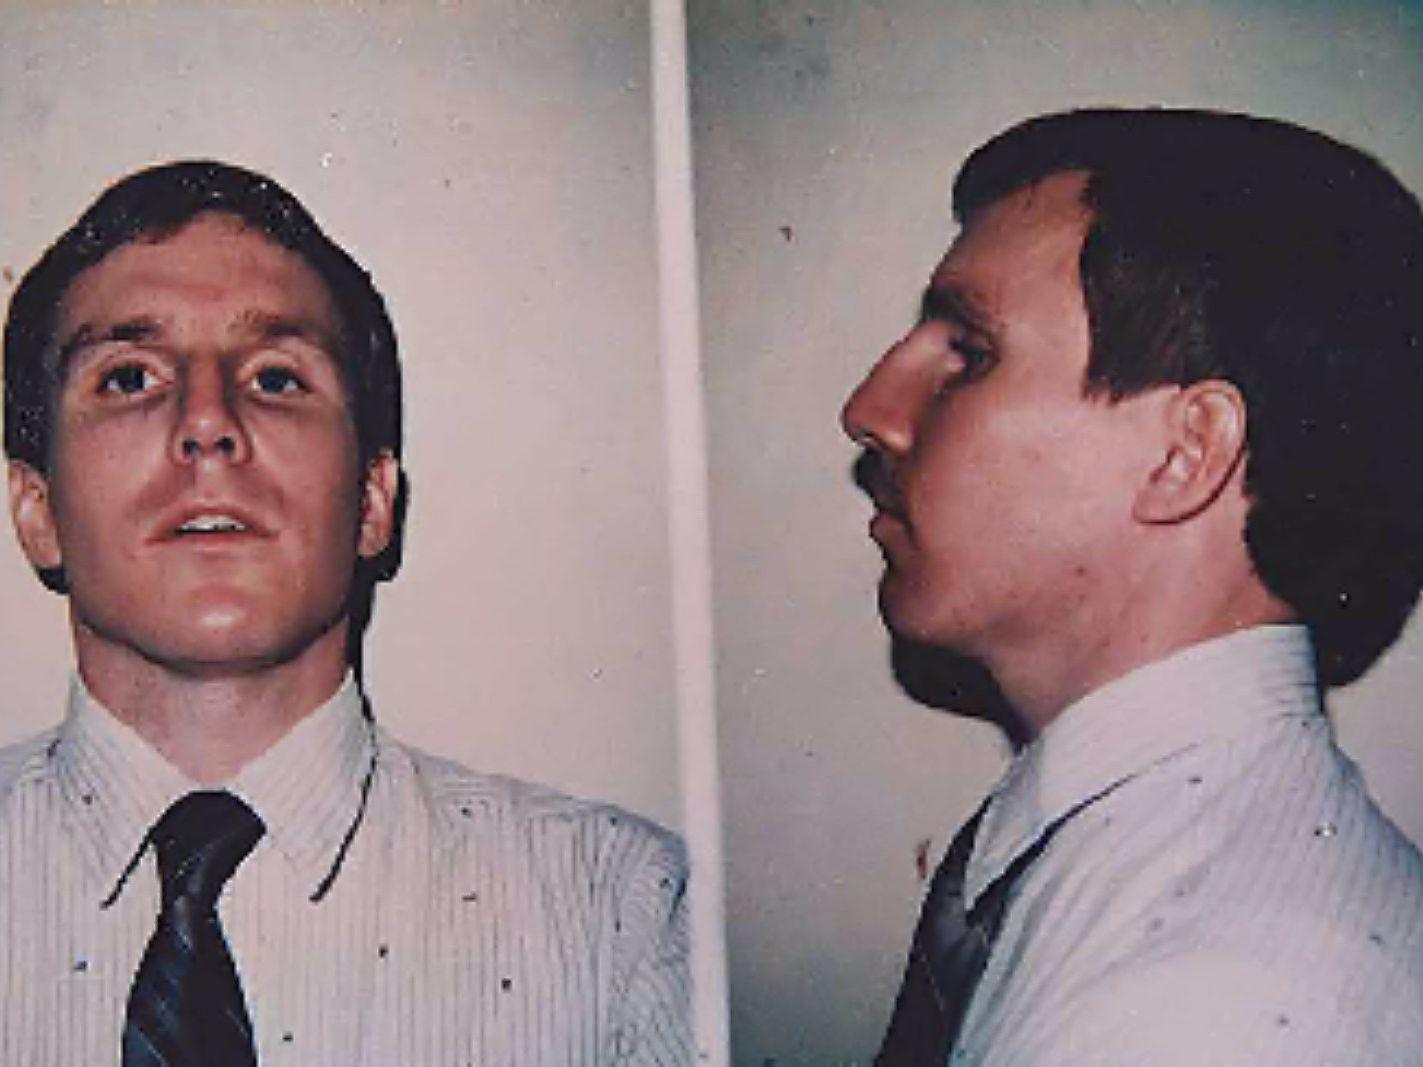 Joseph Michael Swango, Serial Killer Profile and Biography